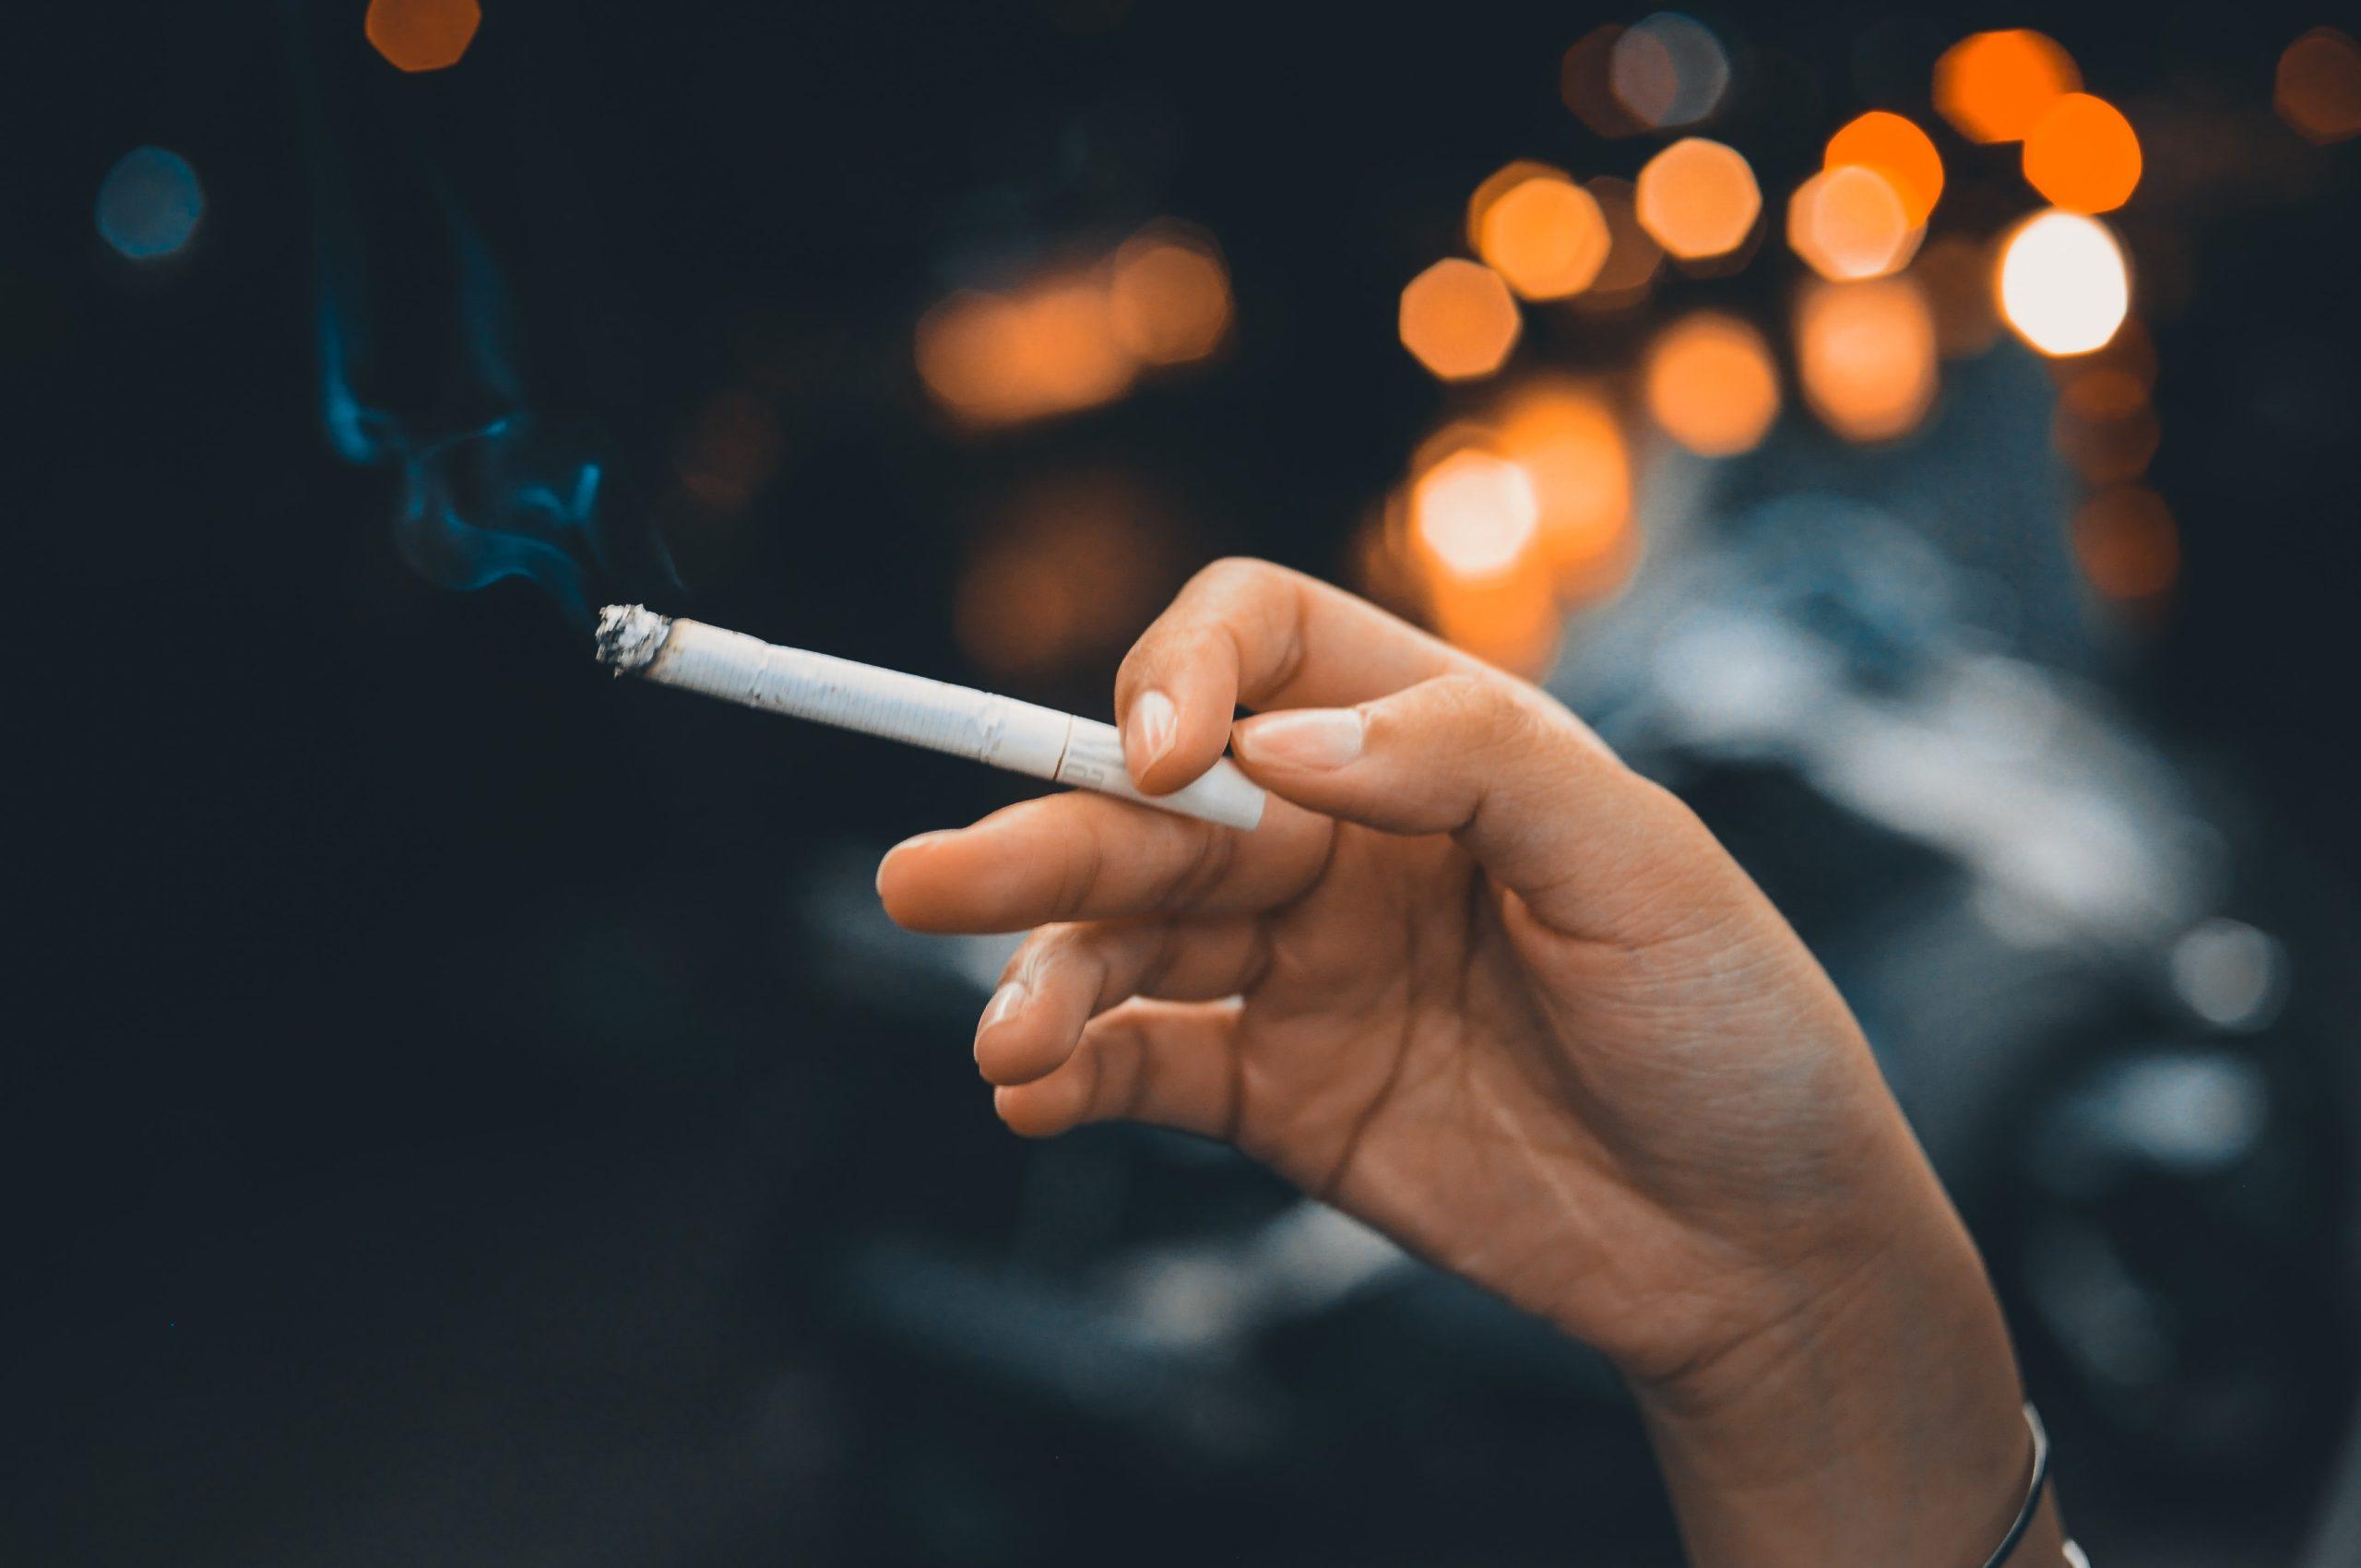 cigarette a la main